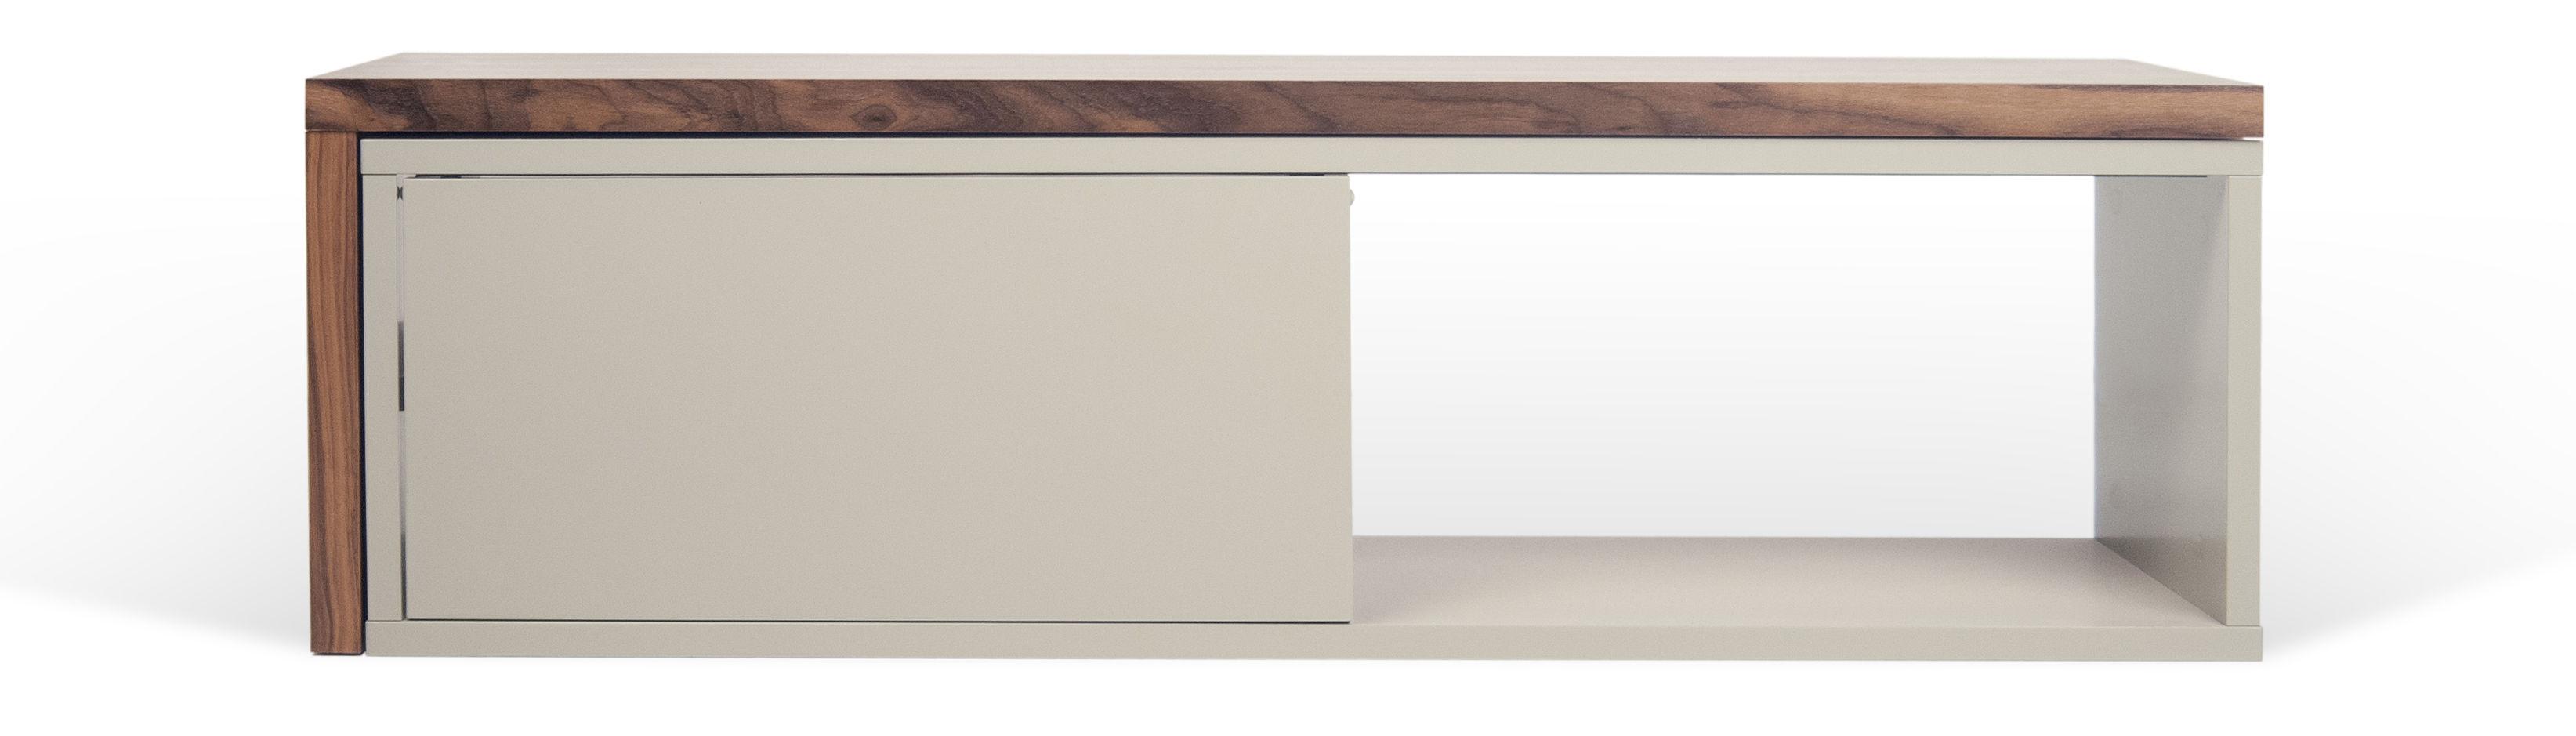 Meuble tv extensible slide pivotant l 110 203 cm - Meuble tv longueur 110 cm ...